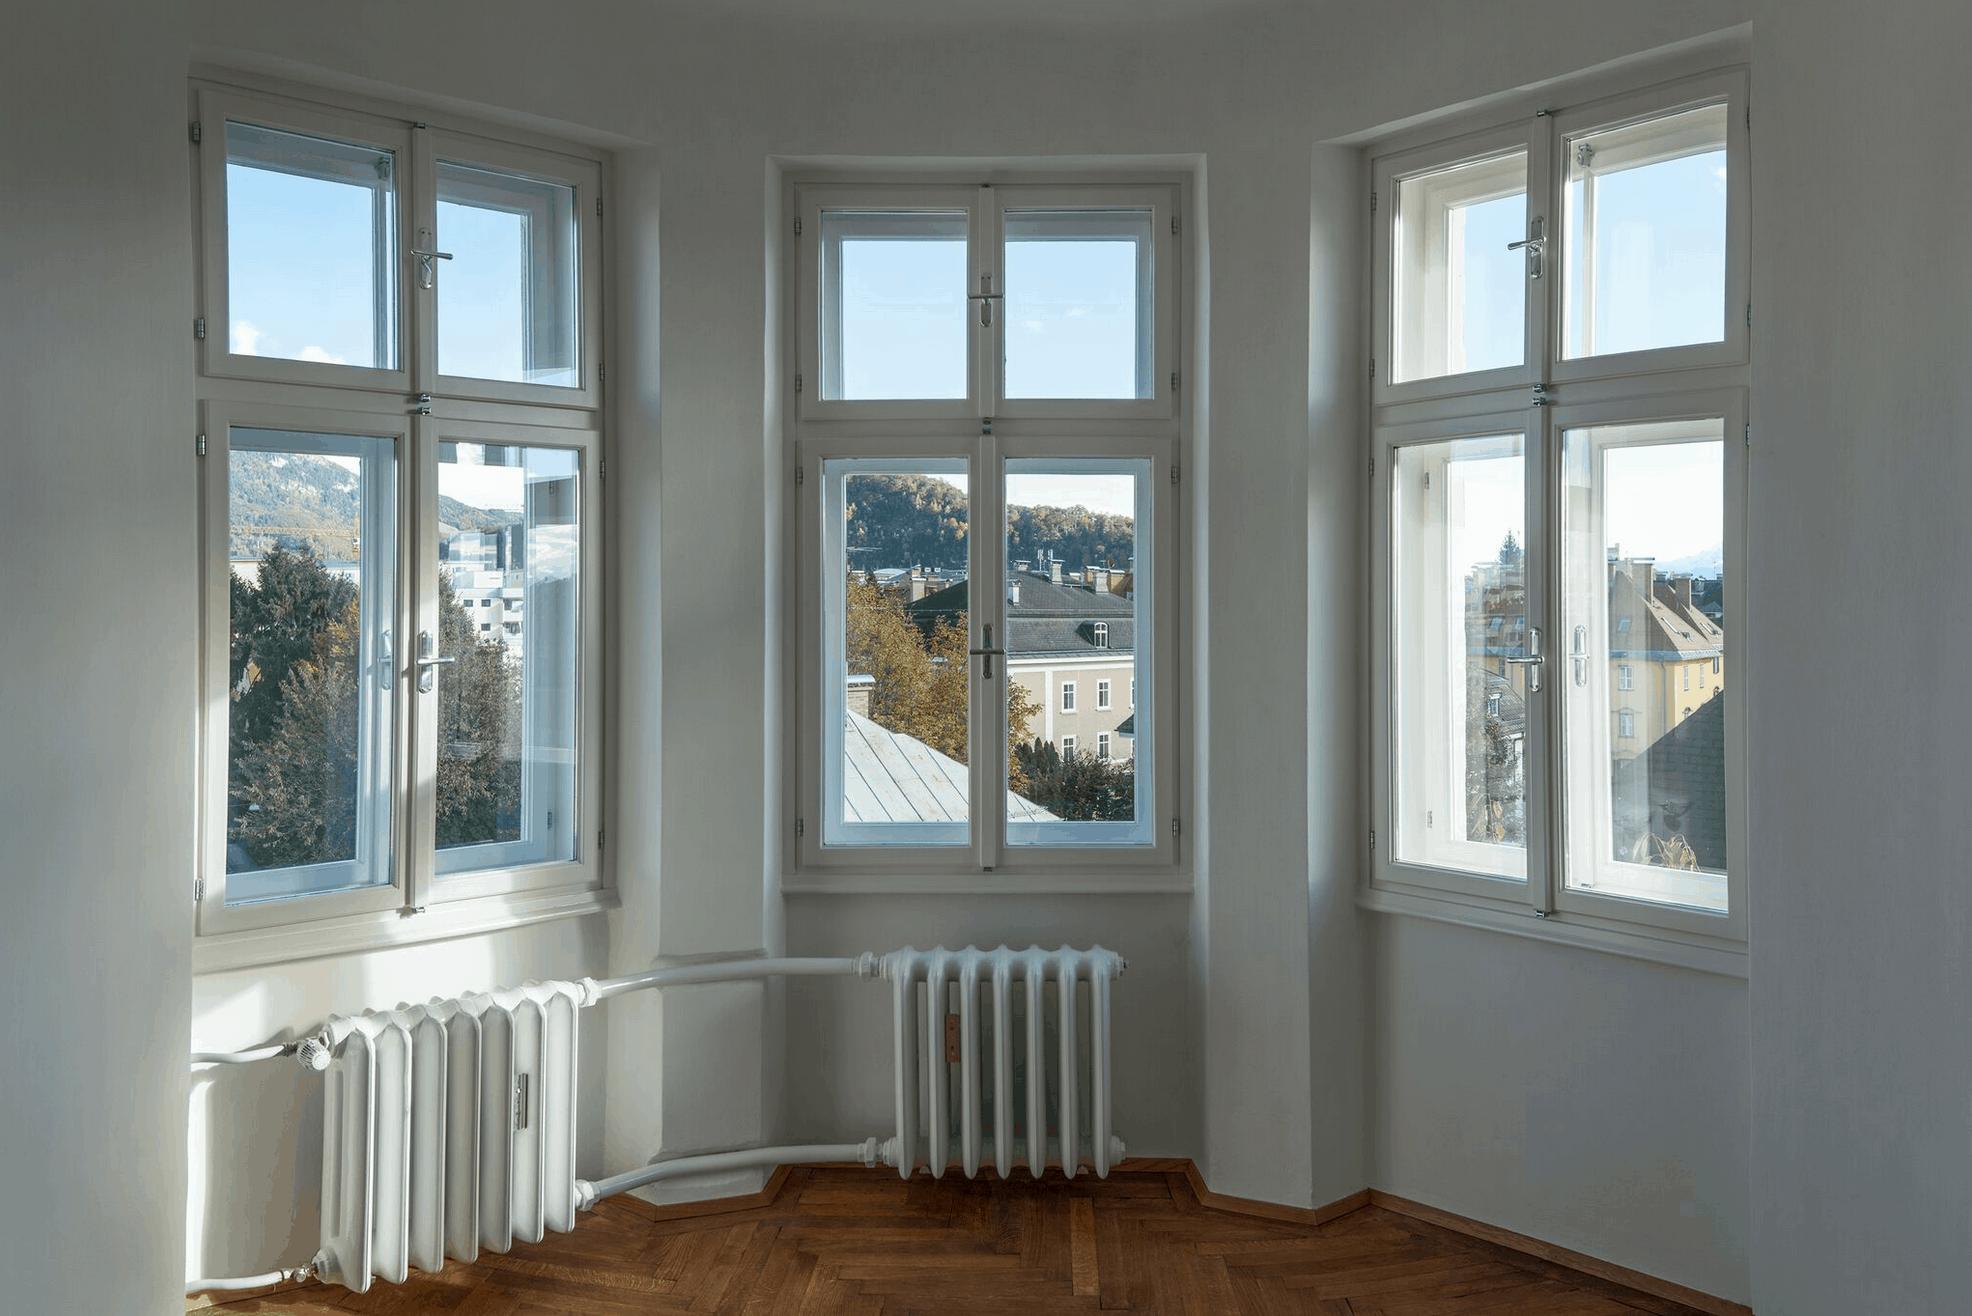 salzburg fenster tischlerei kurz m beltischler salzburg k chen fenster. Black Bedroom Furniture Sets. Home Design Ideas